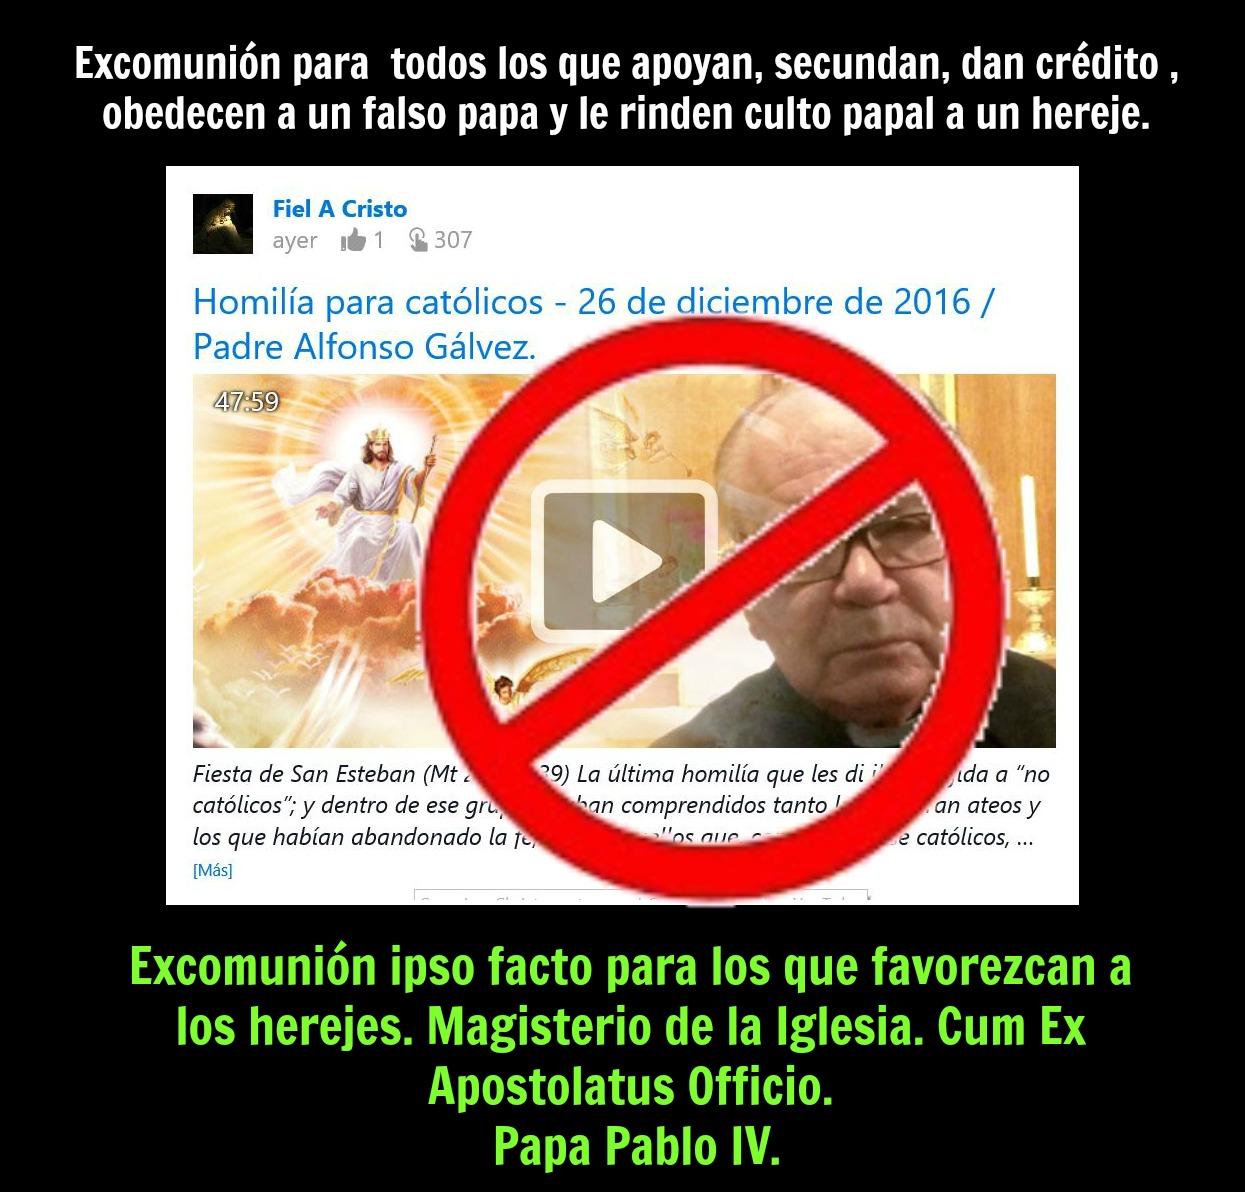 Tengan cuidado con el Padre Alfonso Gálvez que prefiere unirse a un falso papa,defender a un hereje